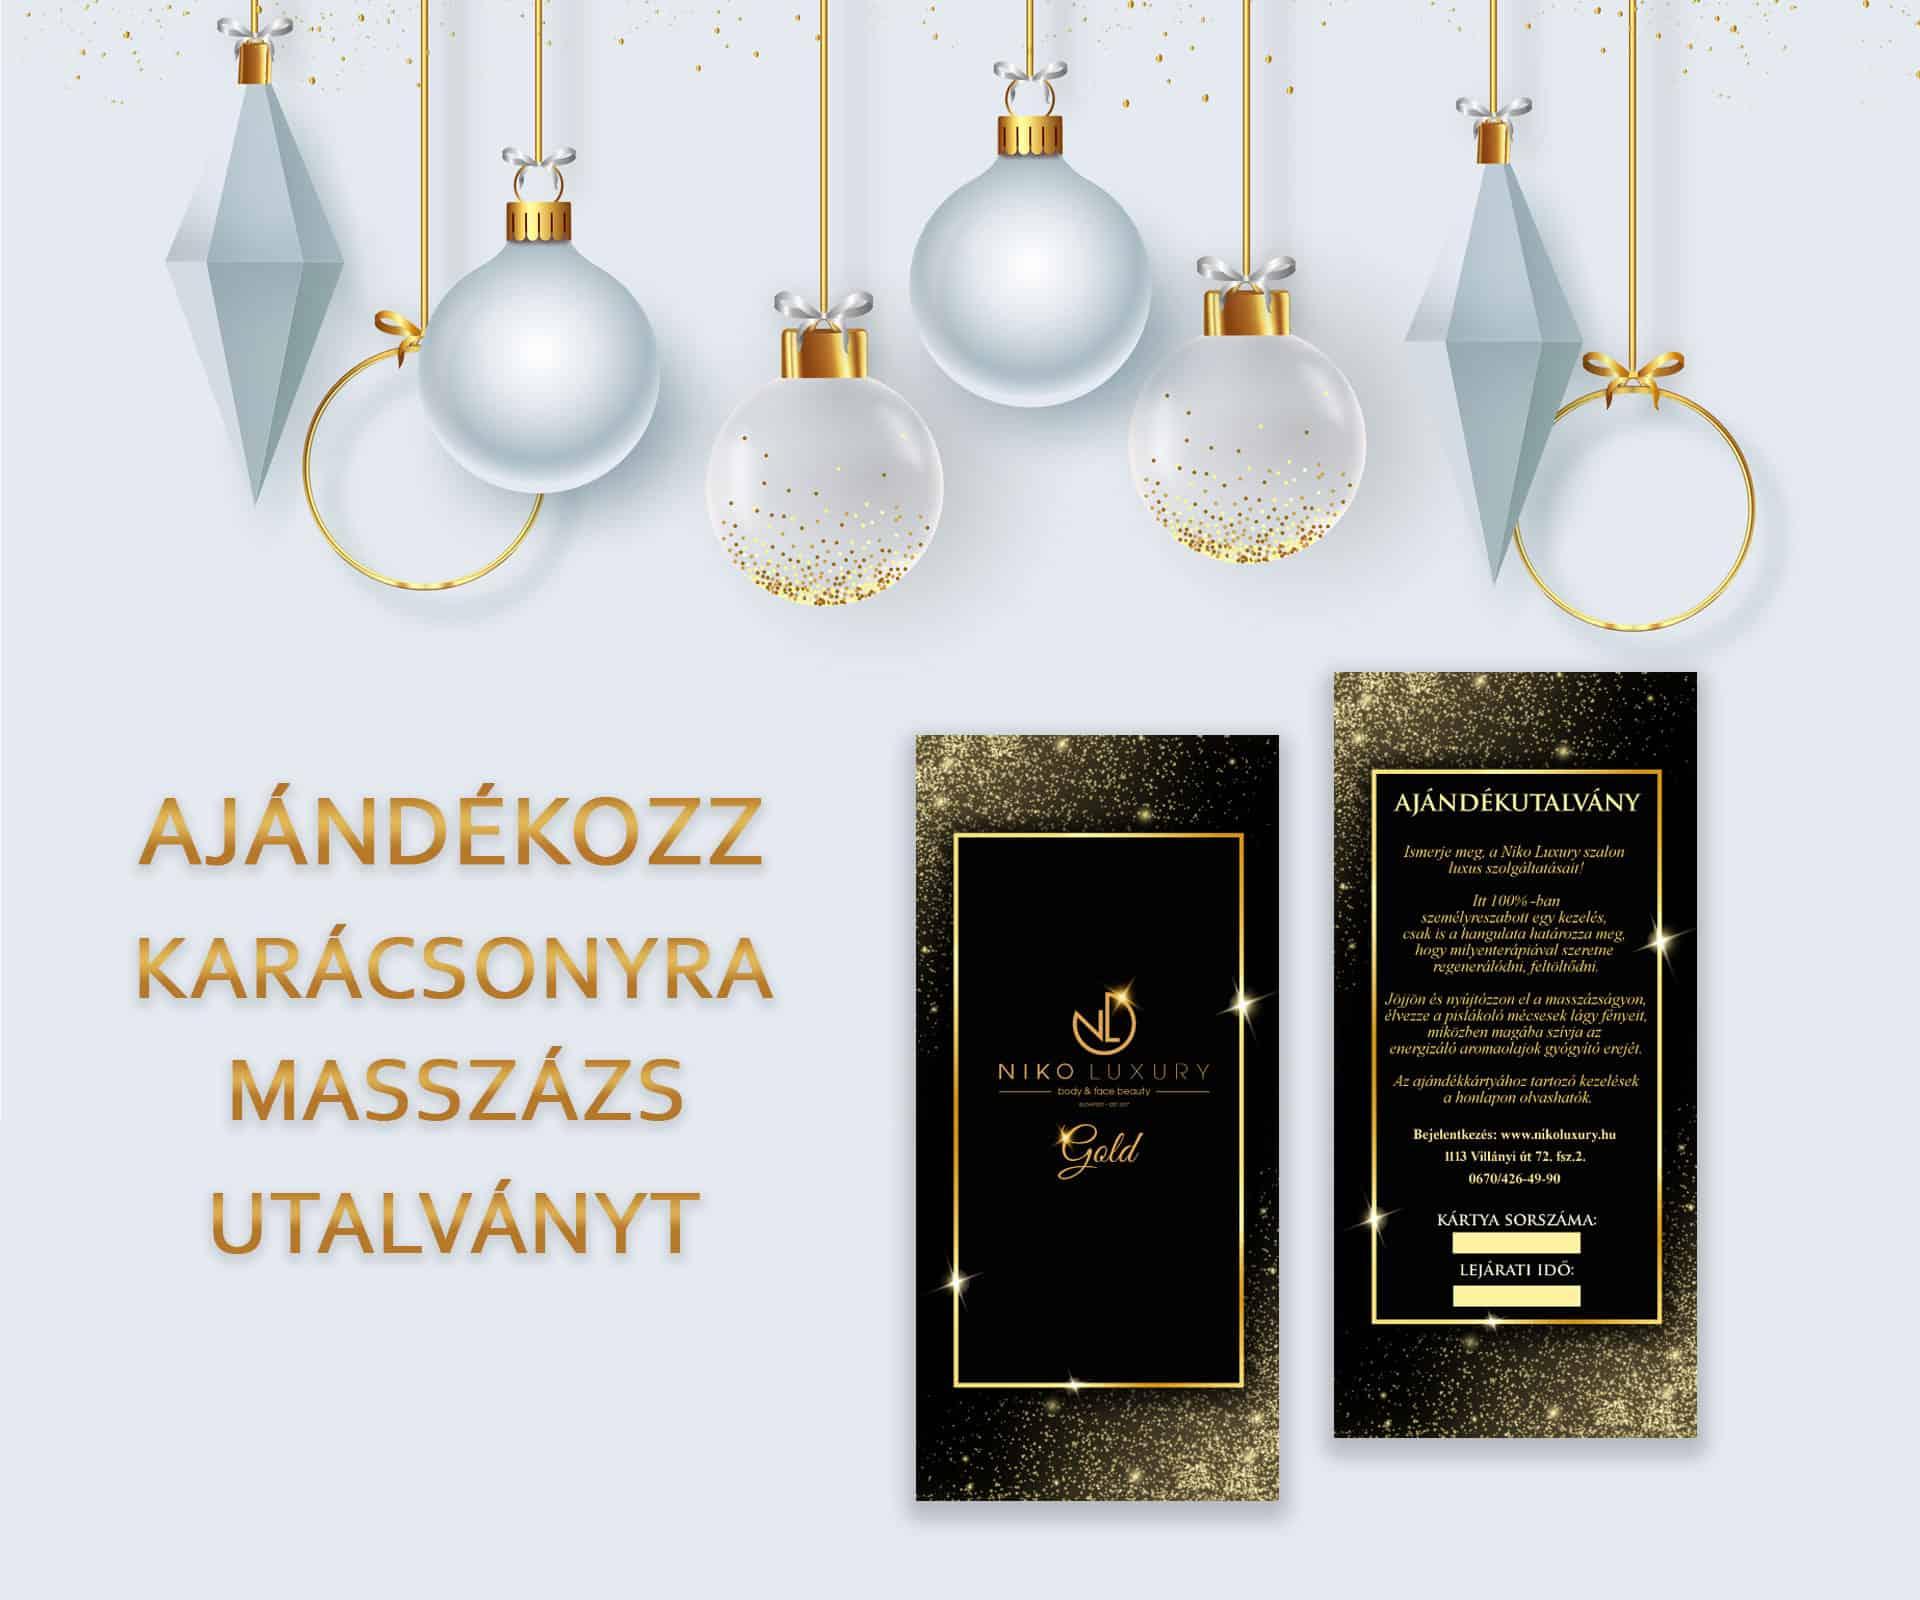 masszázs ajándékutalvány karácsonyra